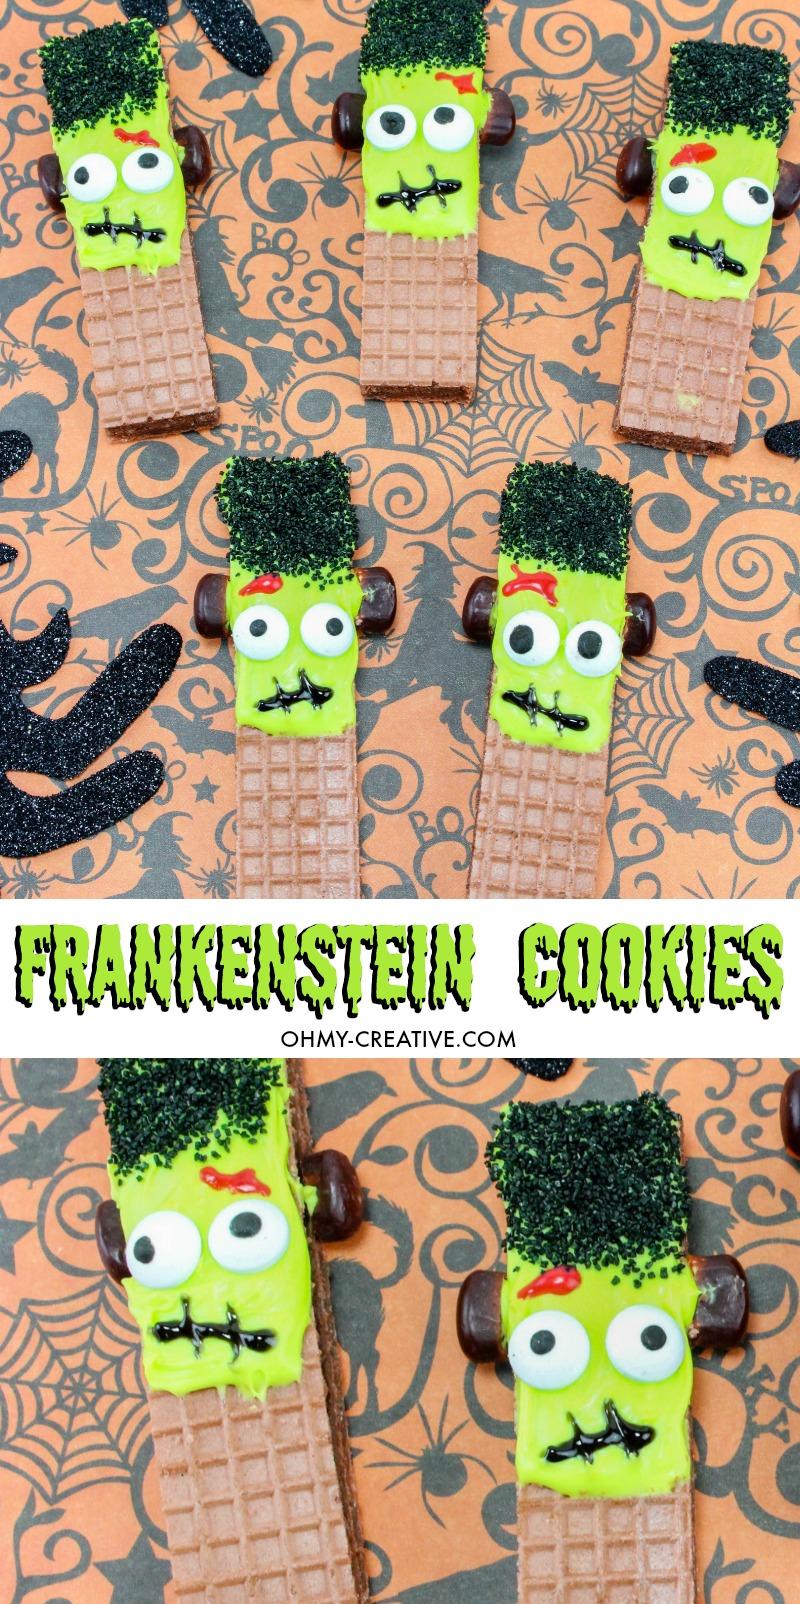 Frankenstein Cookies For Halloween   OHMY-CREATIVE.COM   Halloween Cookie Ideas   Halloween Cookies   Cute Frankenstein   Frankenstein's Monster   Green Frankenstein   Halloween Party Treats   Halloween School Treats